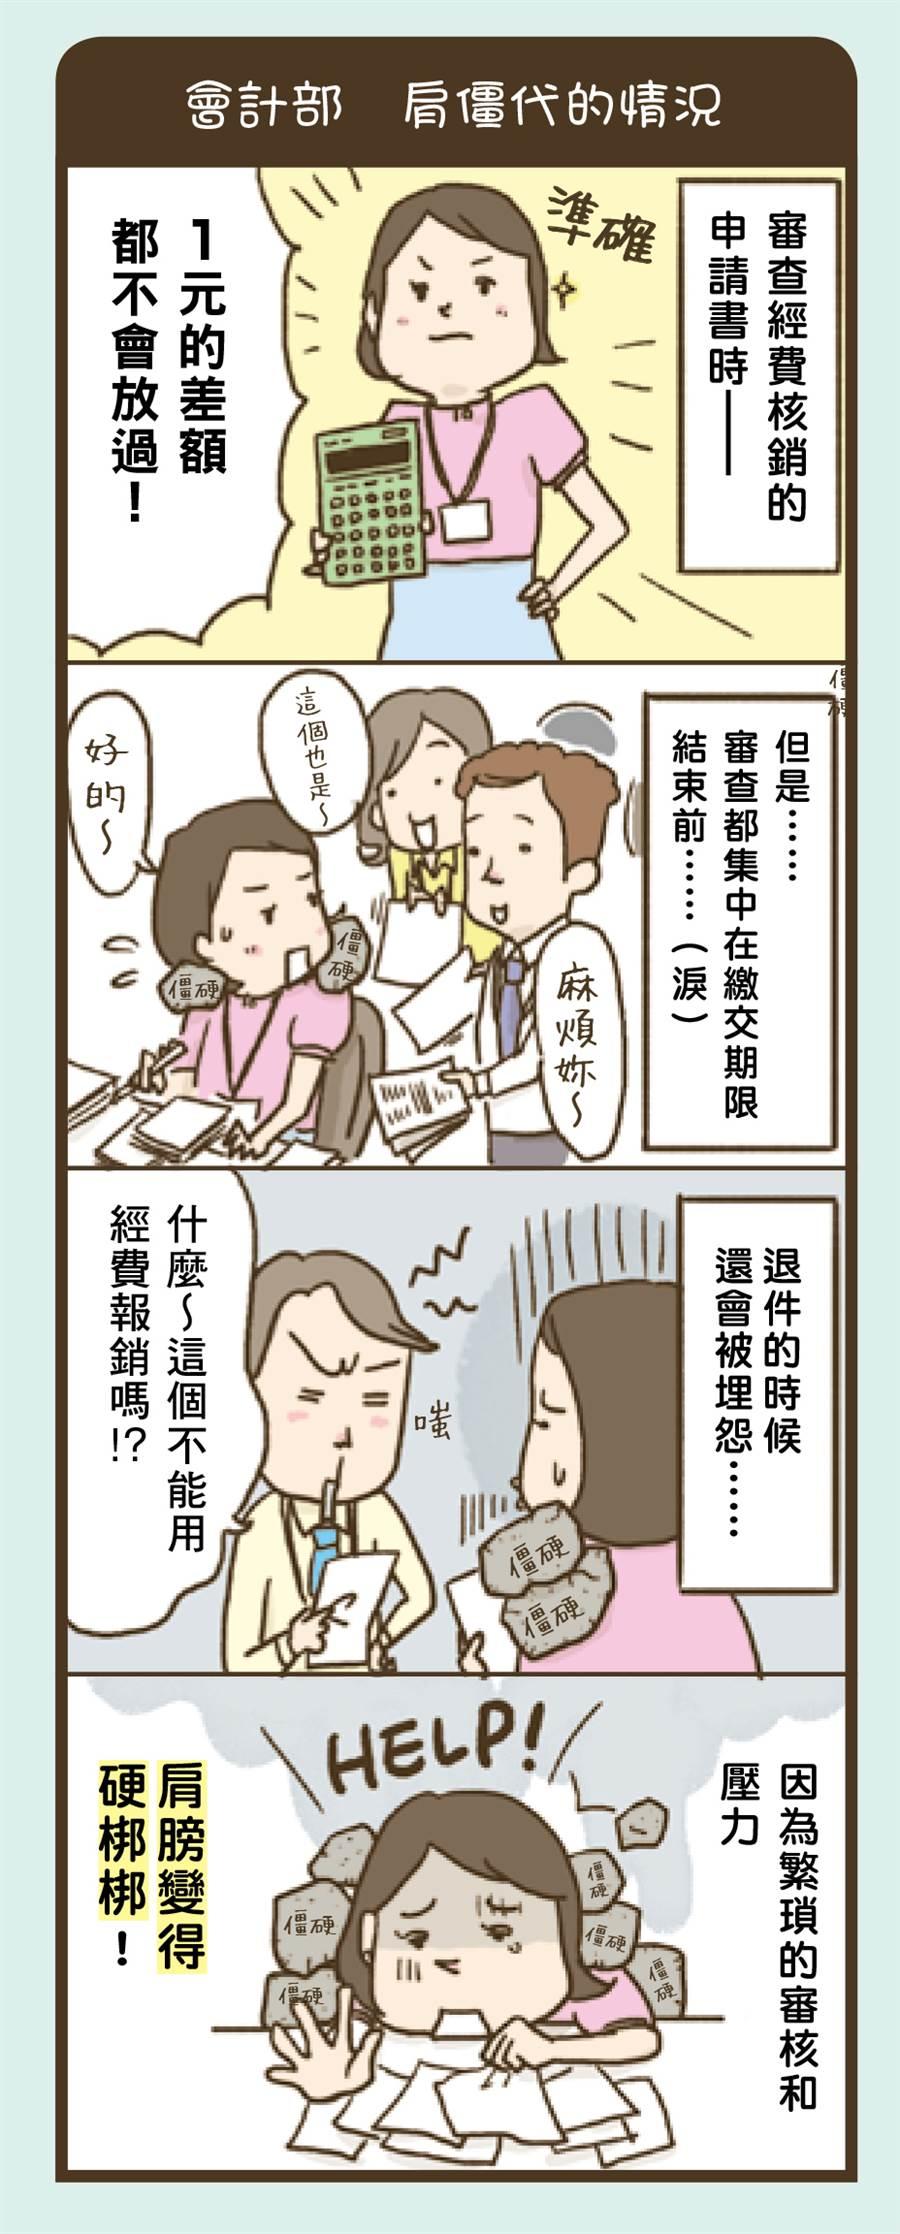 (圖/東販出版 提供)